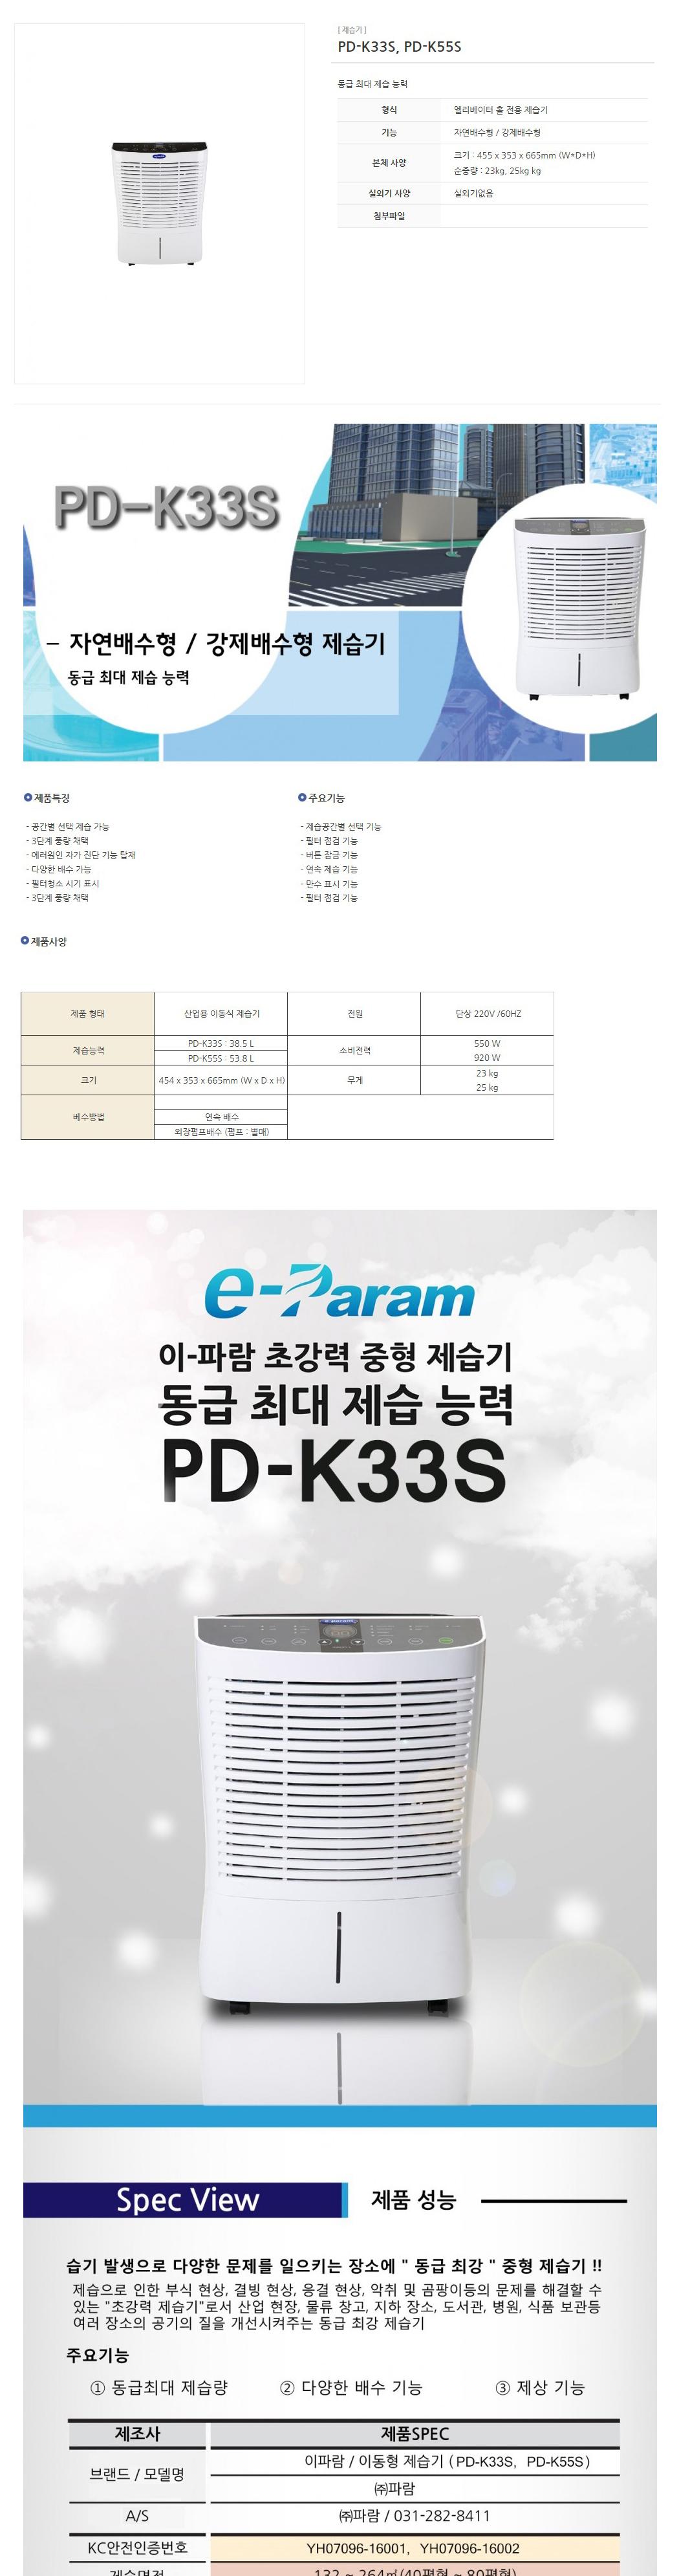 (주)파람 산업용 이동식 제습기 PD-K33S, PD-K55S